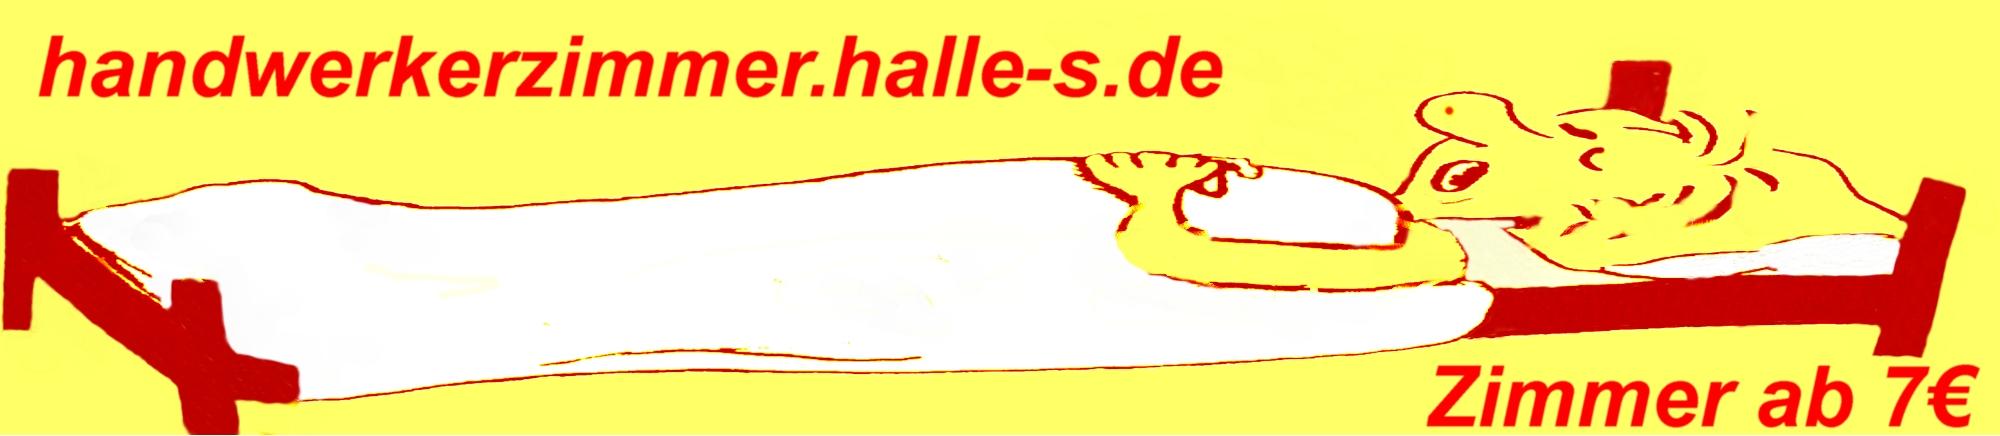 Handwerkerzimmer Halle Saale